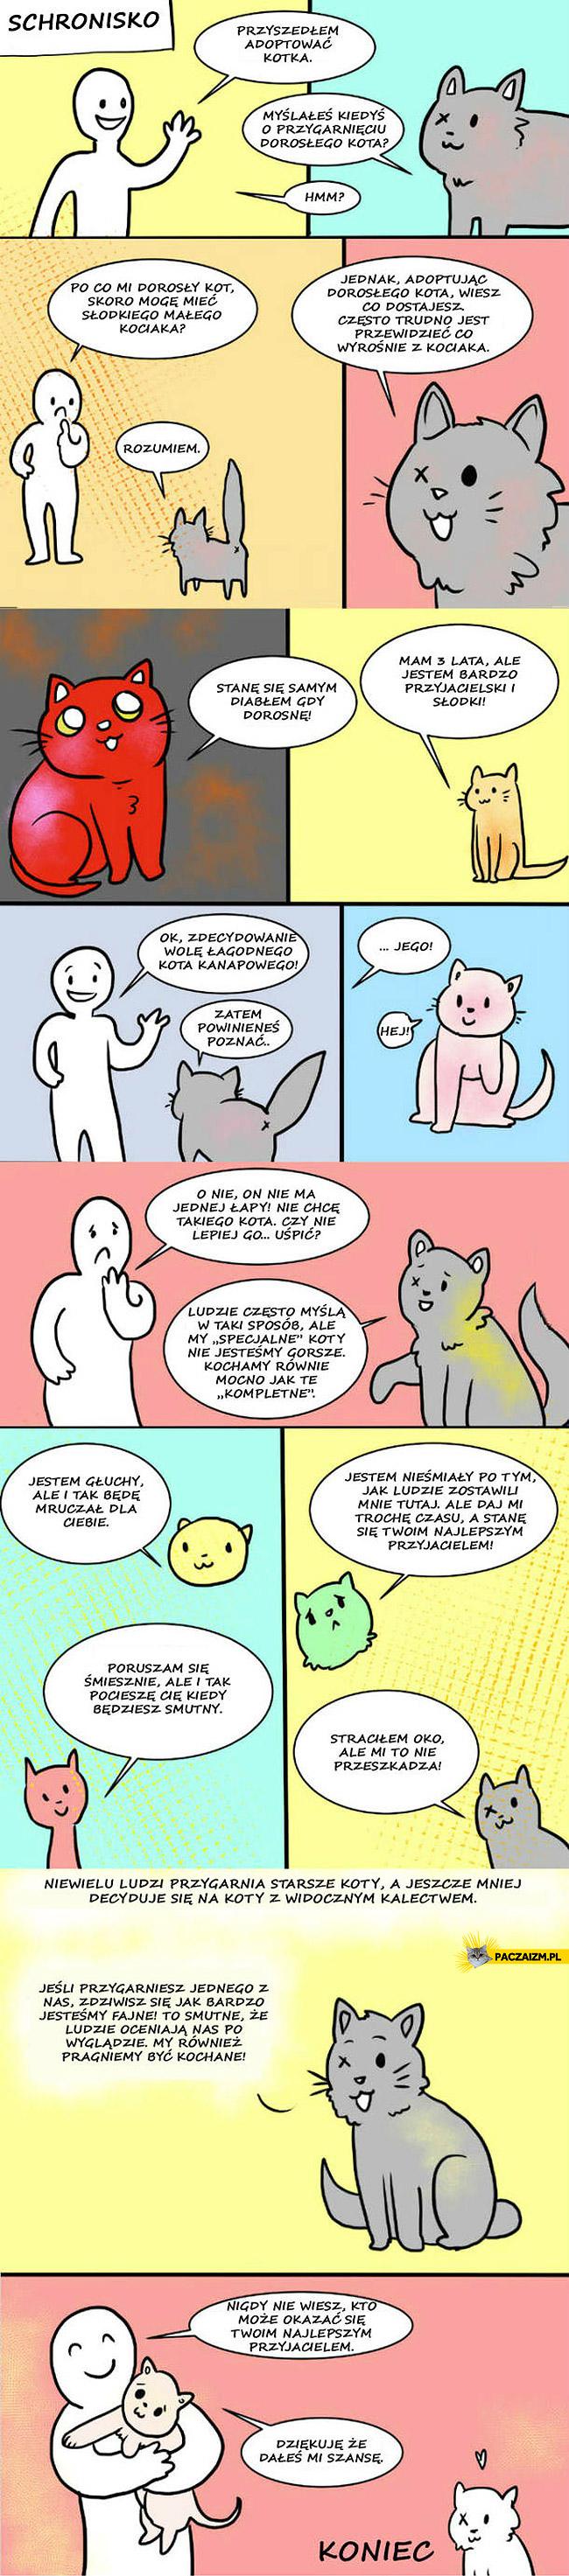 Adopcja kota bez łapy